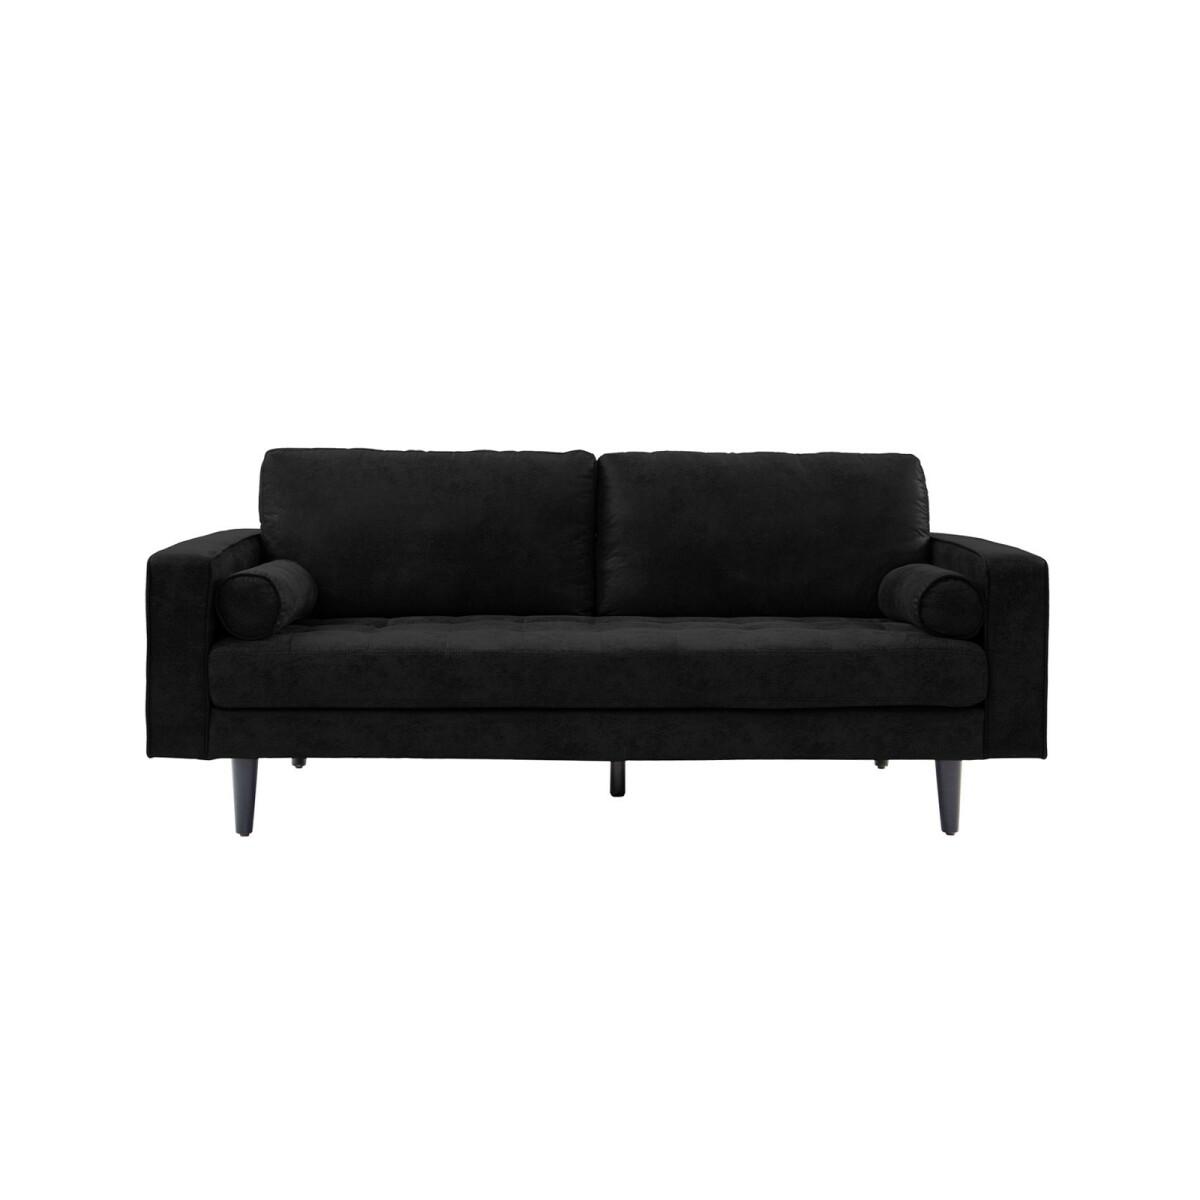 Homifab Canapé droit 3 places en simili cuir noir - Collection Charly